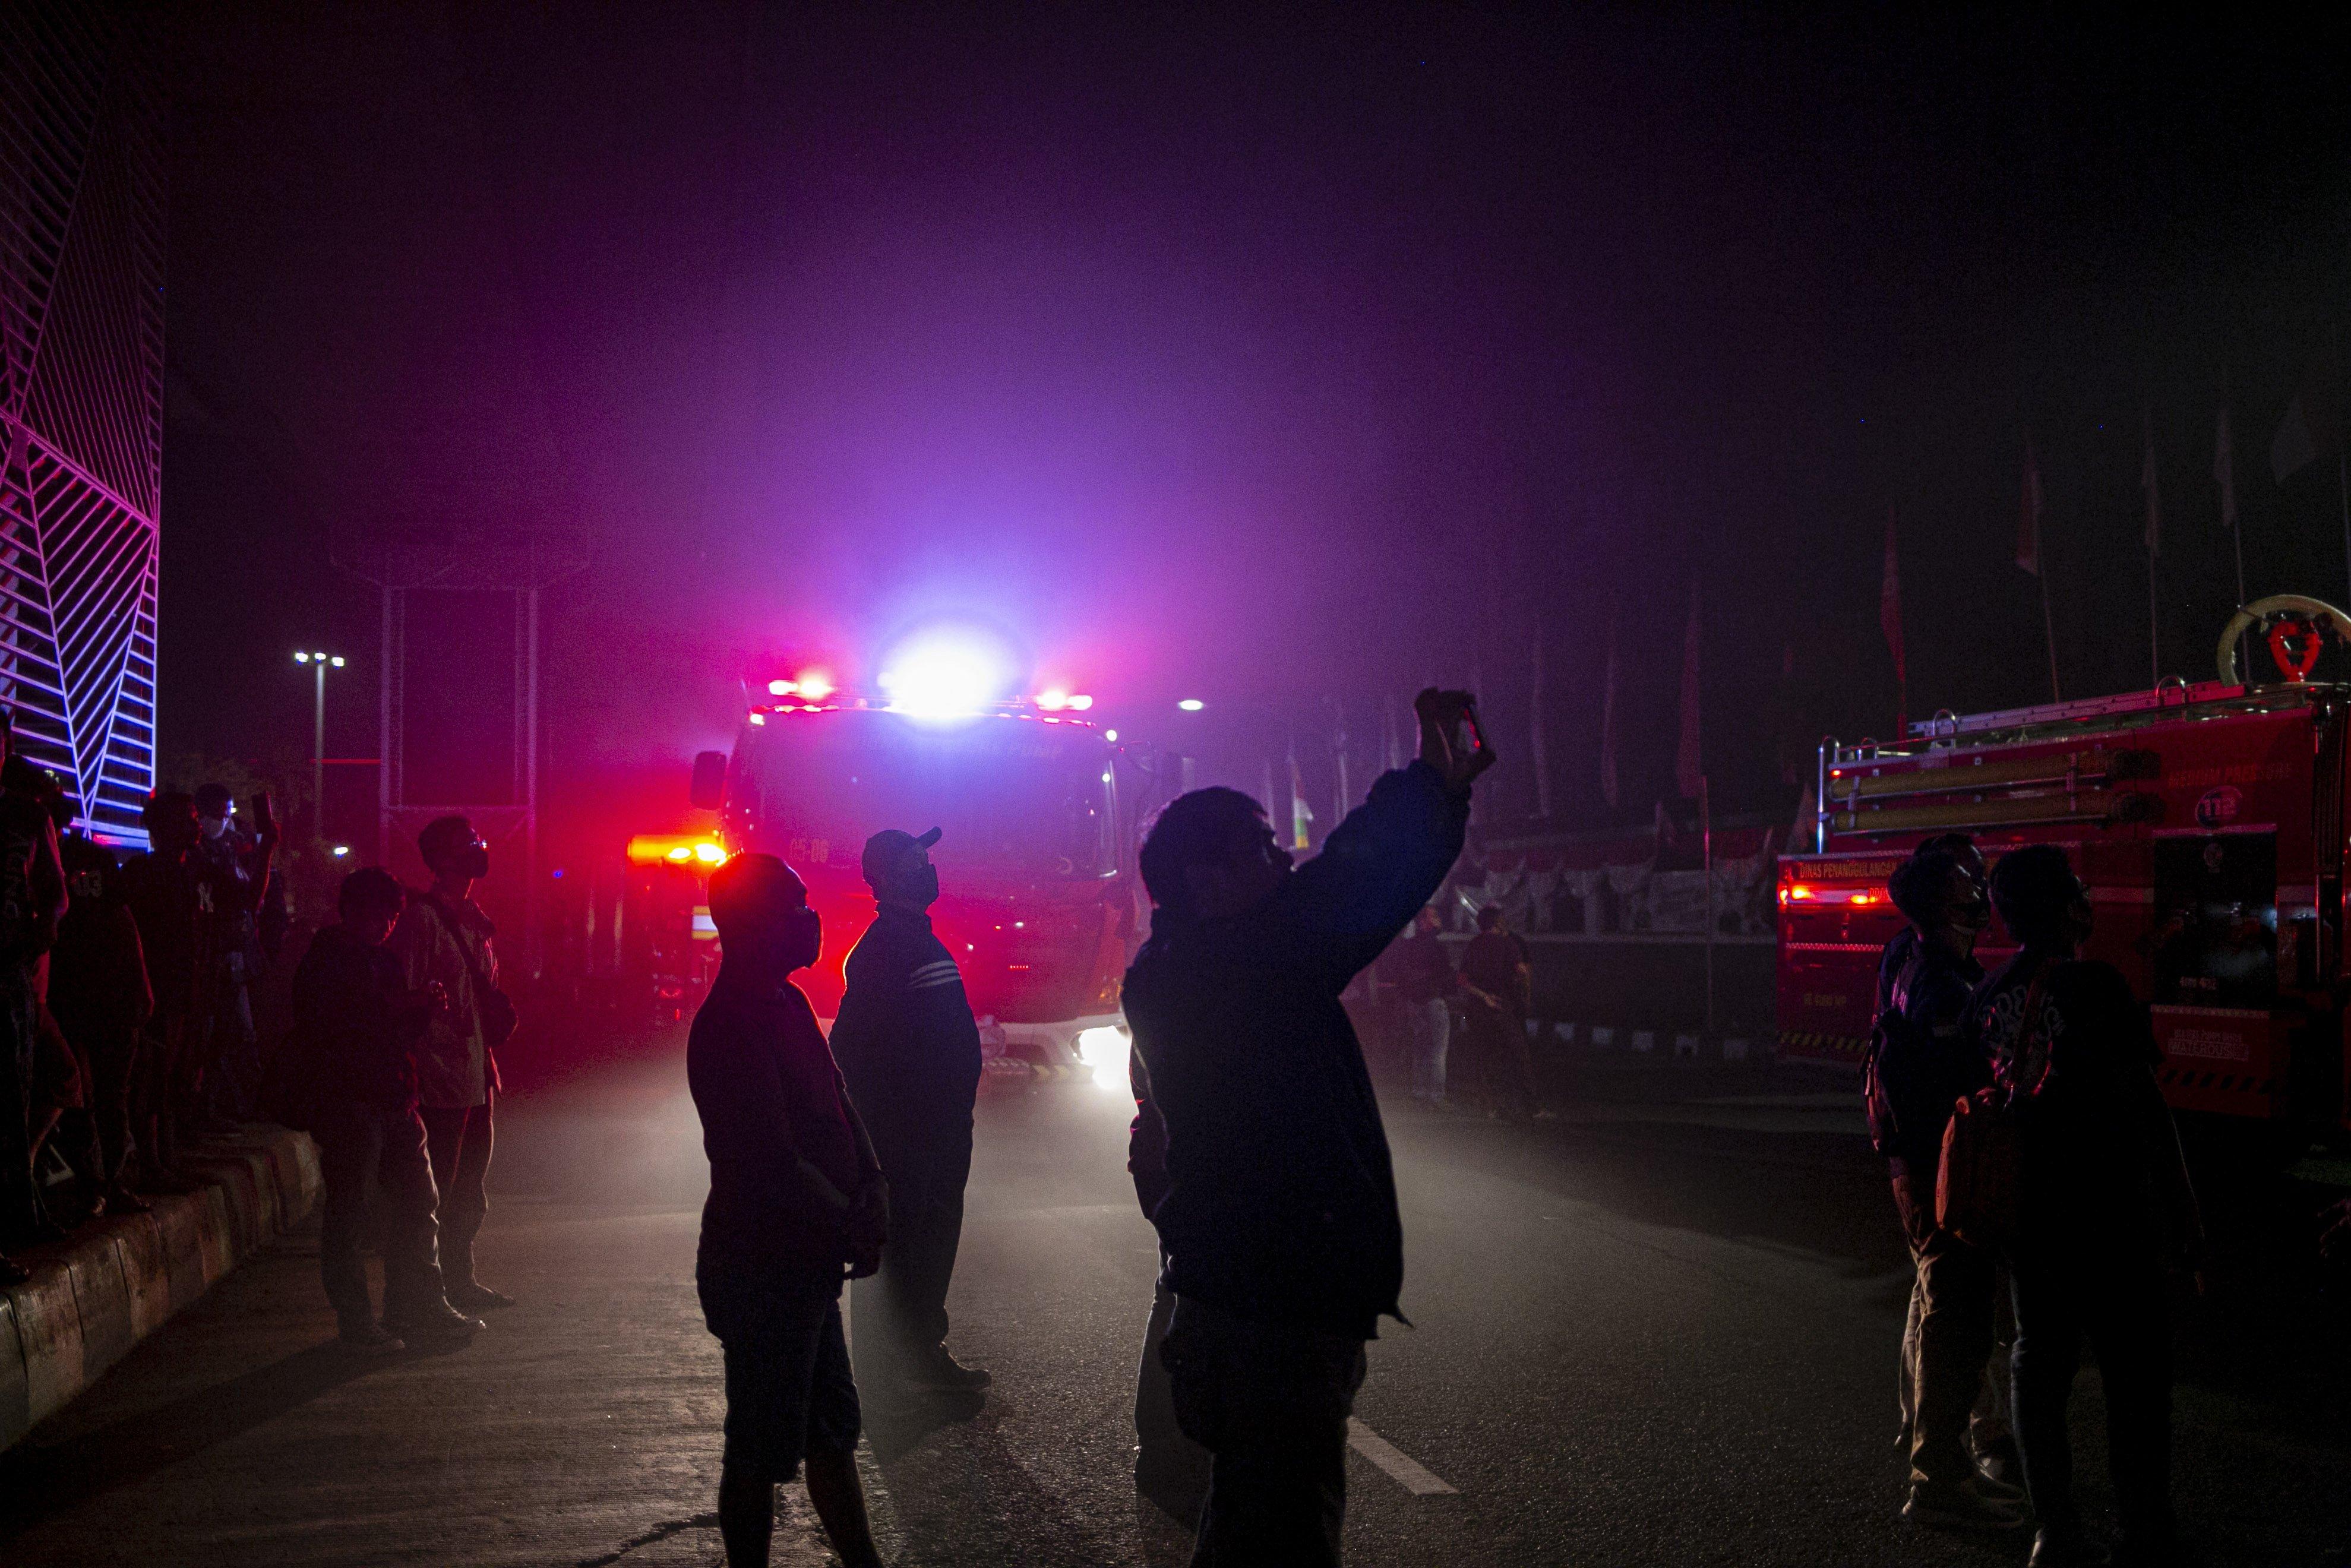 Sejumlah warga mengabadikan kebakaran Gedung Kejaksaan Agung Republik Indonesia di Jl. Sultan Hasanuddin Dalam, Jakarta Selatan, Sabtu (22/8/2020). Informasi awal api muncul pertama kali di lantai enam gedung utama Kejaksaan Agung RI. Api semakin membesar sejak pertama kali mulai menyala sekitar pukul 19.10 WIB. Sejauh ini, lebih dari 20 unit mobil pemadam kebakaran dikerahkan untuk memadamkan api.